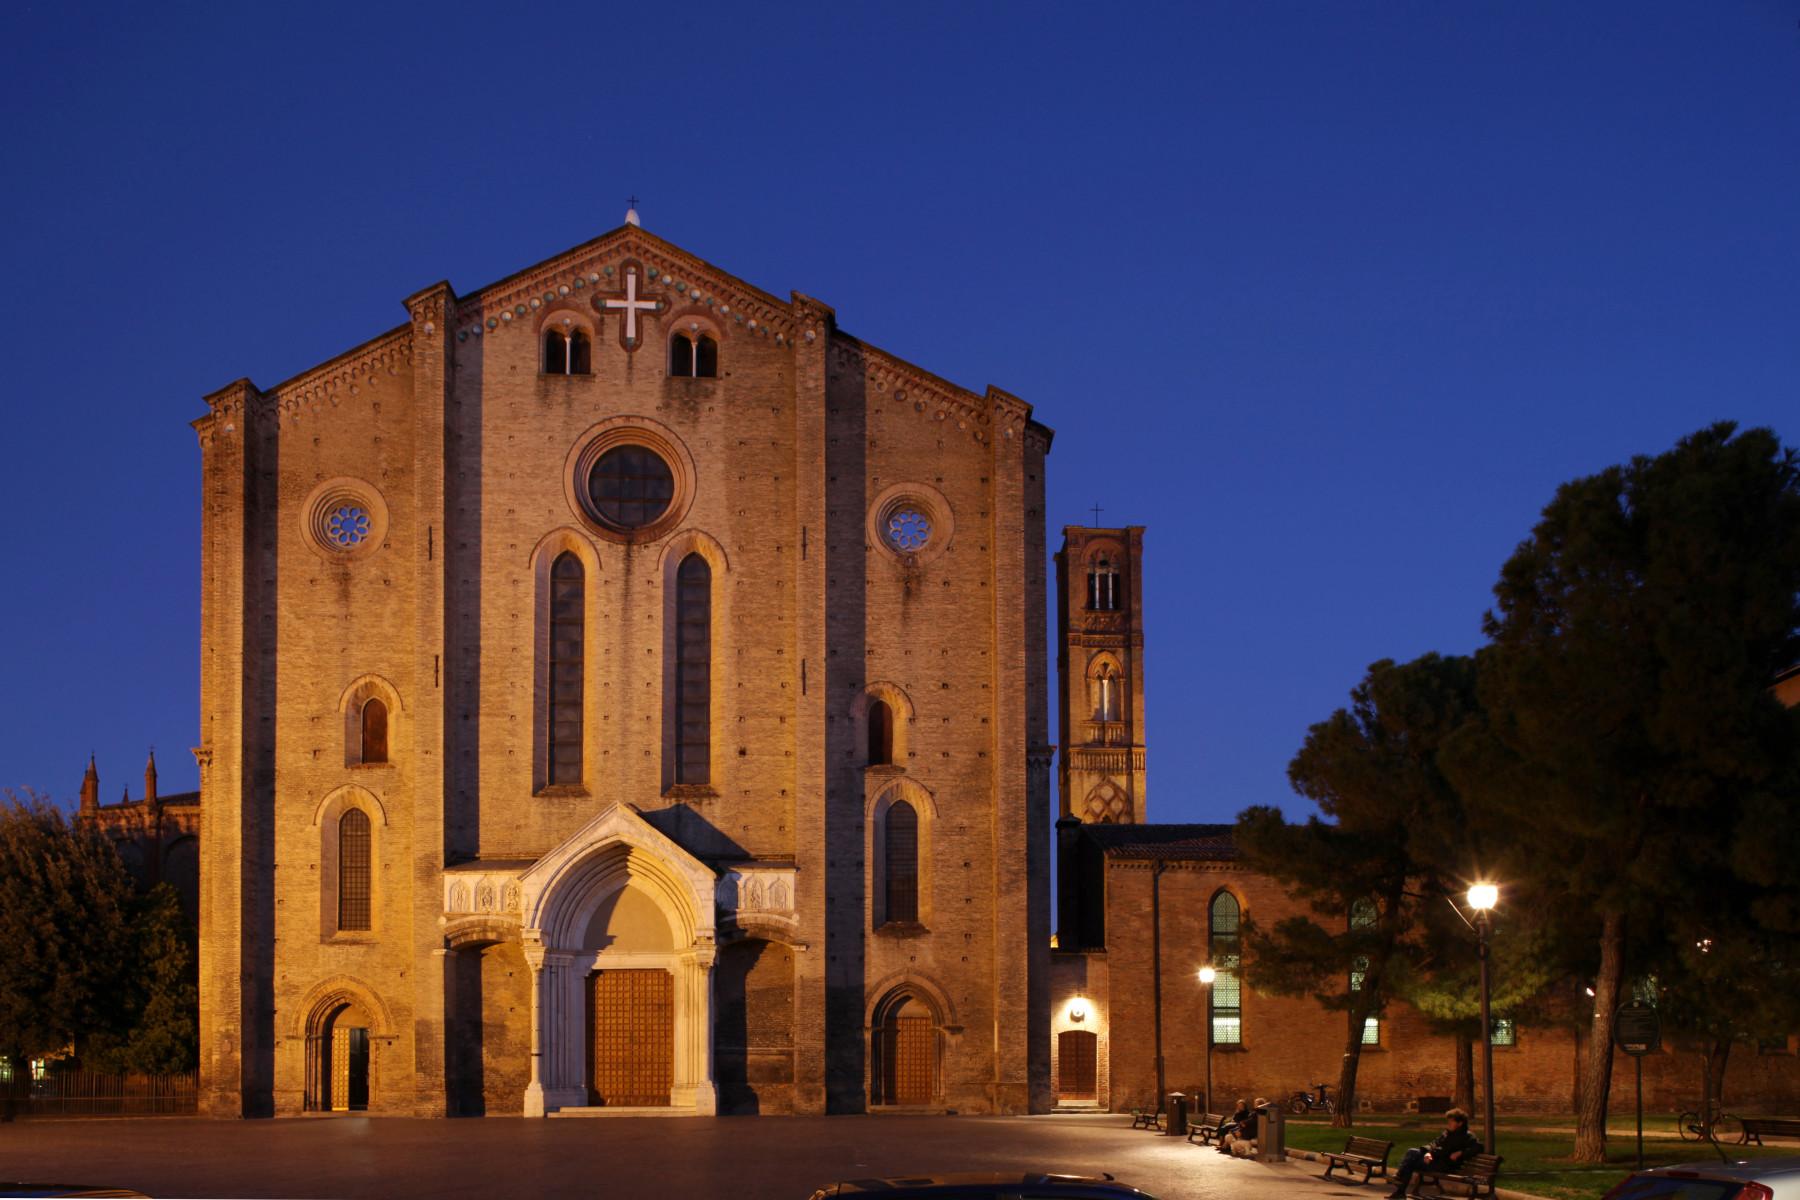 Bologna.  Piazza San Francesco. La Basilica di San Francesco (chiesa di S.Francesco). Tra i più precoci esemplari di architettura gotica in Italia, fu compiuta nel 1263, restaurata nella seconda metà del XIX secolo e dopo i gravi danni bellici del 1943. La facciata è di forme romanico-gotiche (1250).